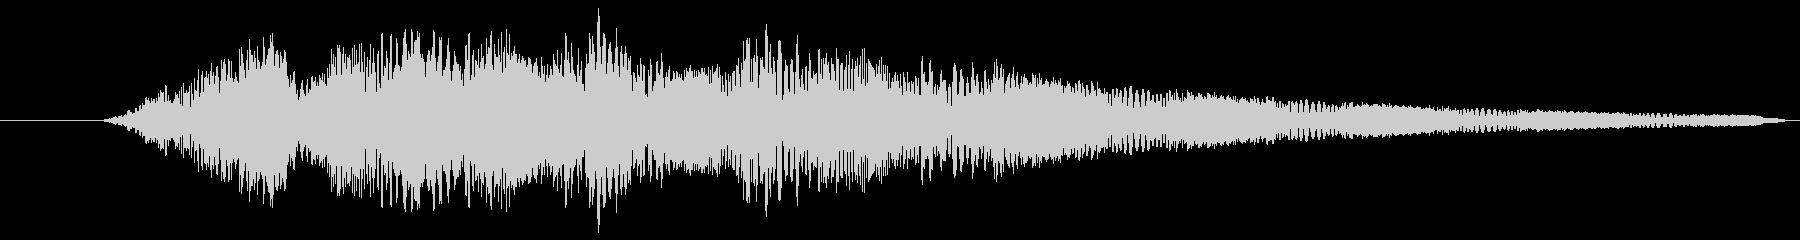 プルプル(スライム・ゼリー)4の未再生の波形